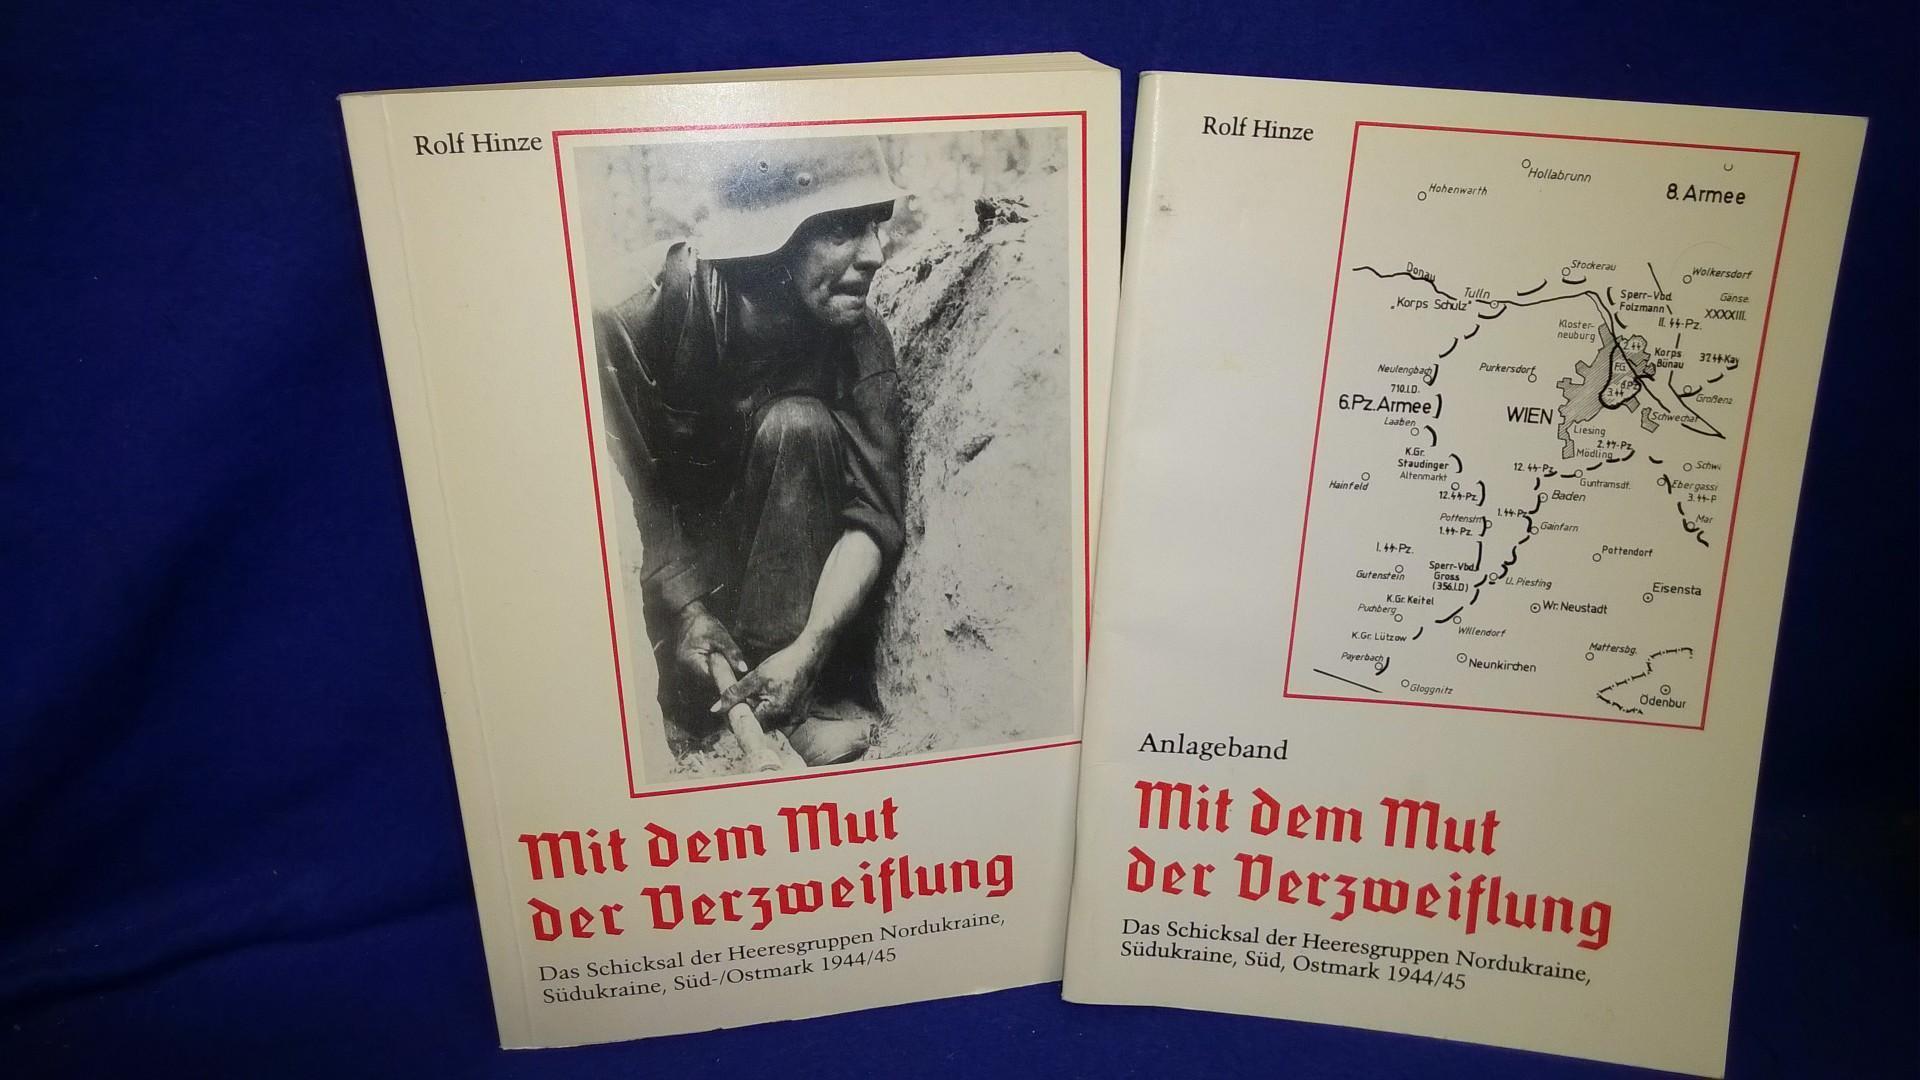 Mit dem Mut der Verzweiflung - Das Schicksal der Heeresgruppe Nordukraine, Süd, Ostmark 1944/45. Mit dem dazugehörigen Anlagenband.